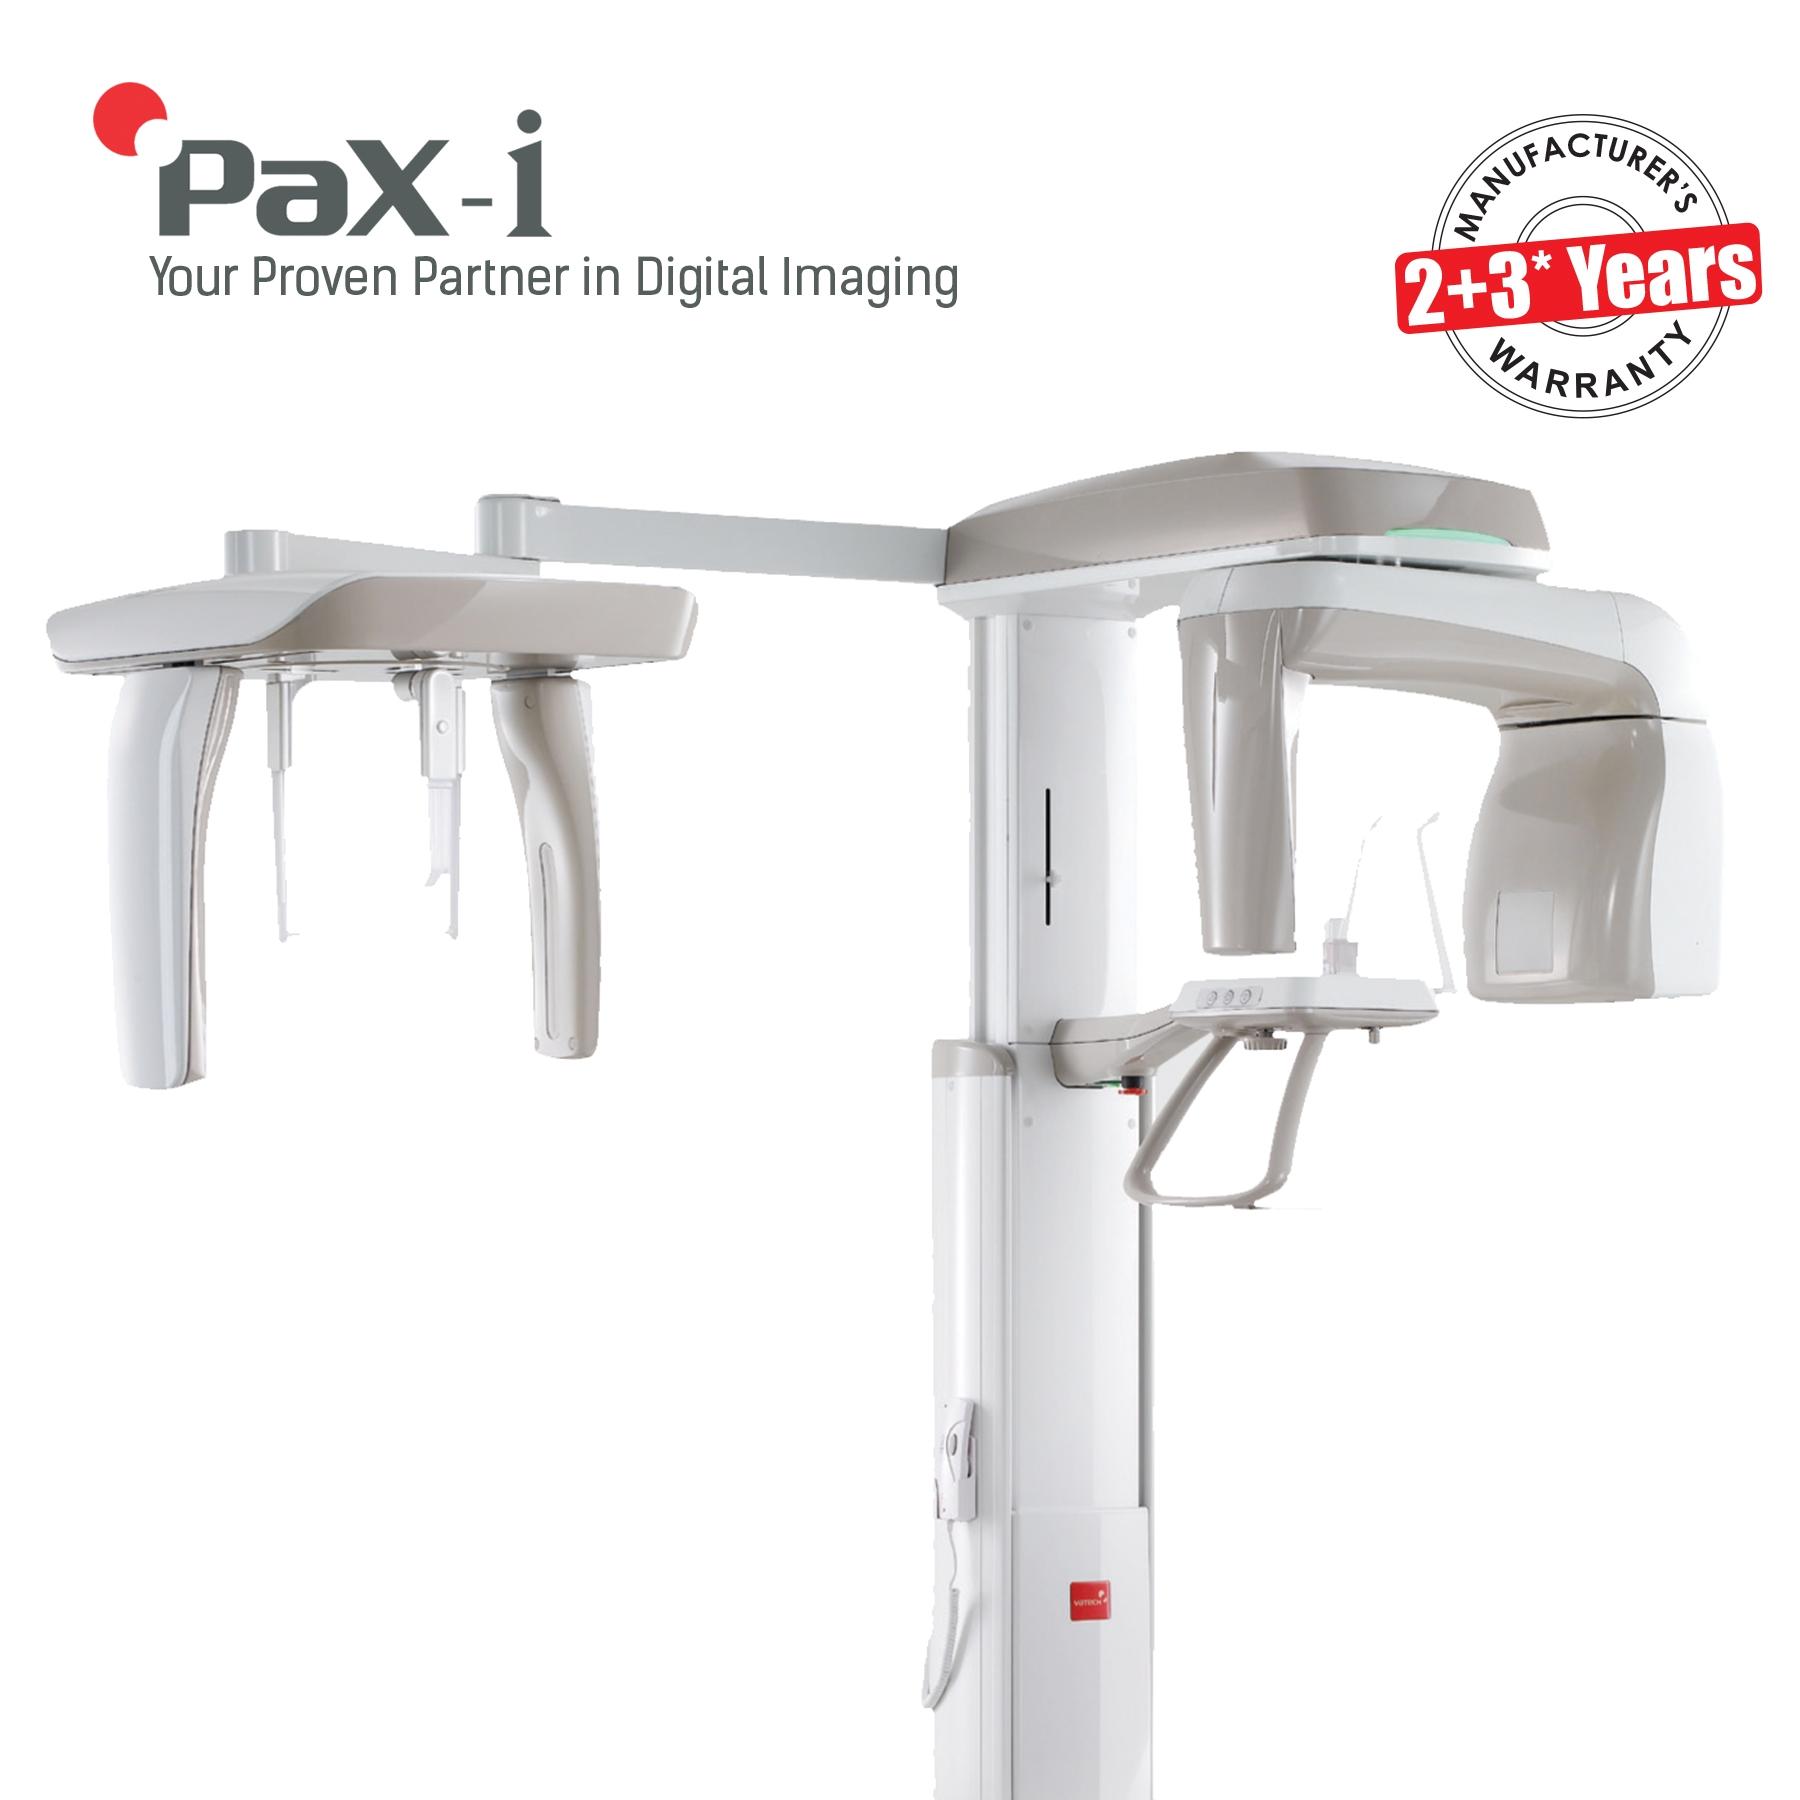 PaX-i